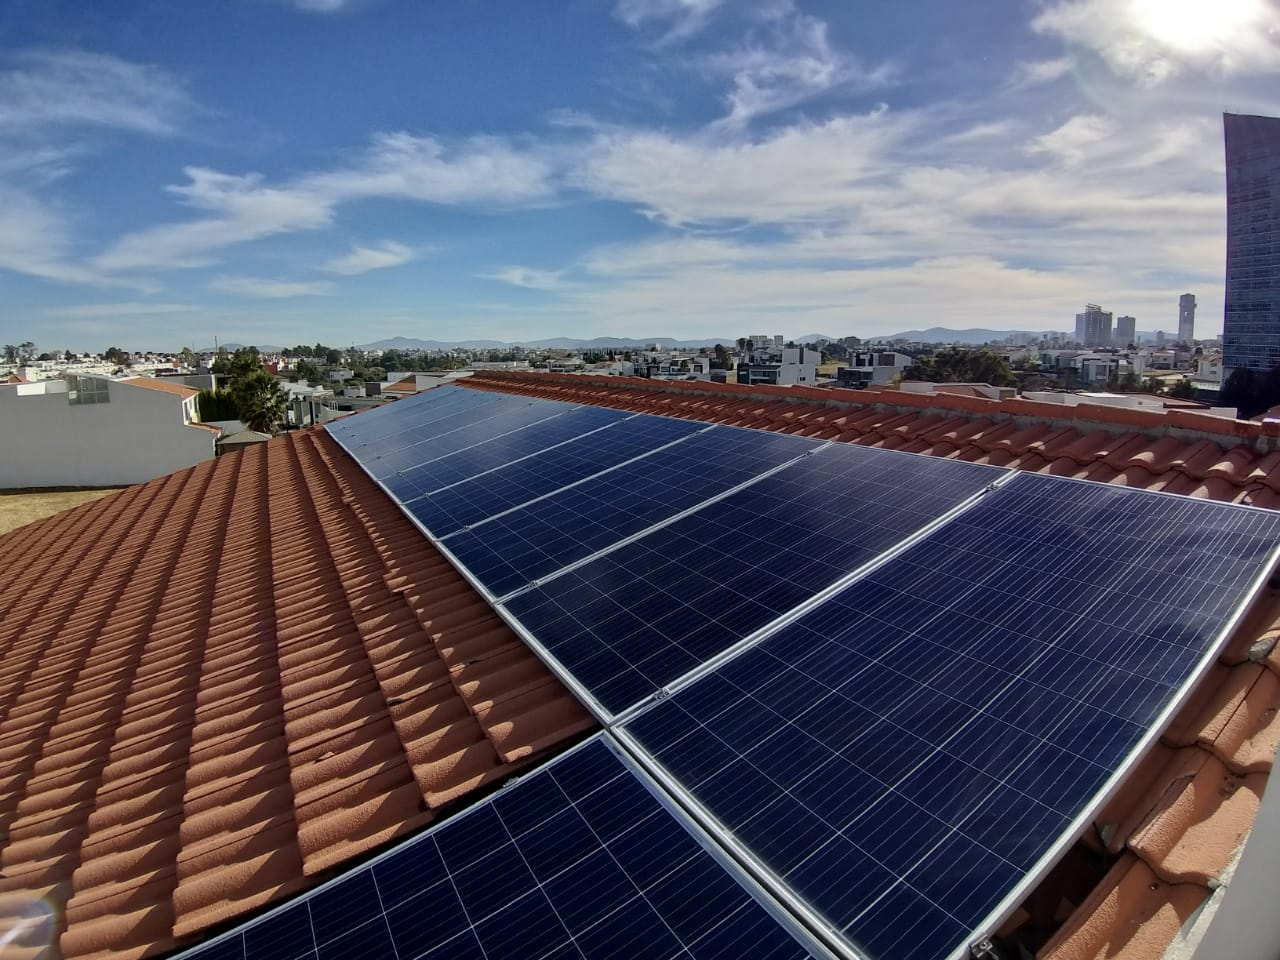 Sistema de Paneles Solares sobre Cubierta de tejado en Puebla Mexico